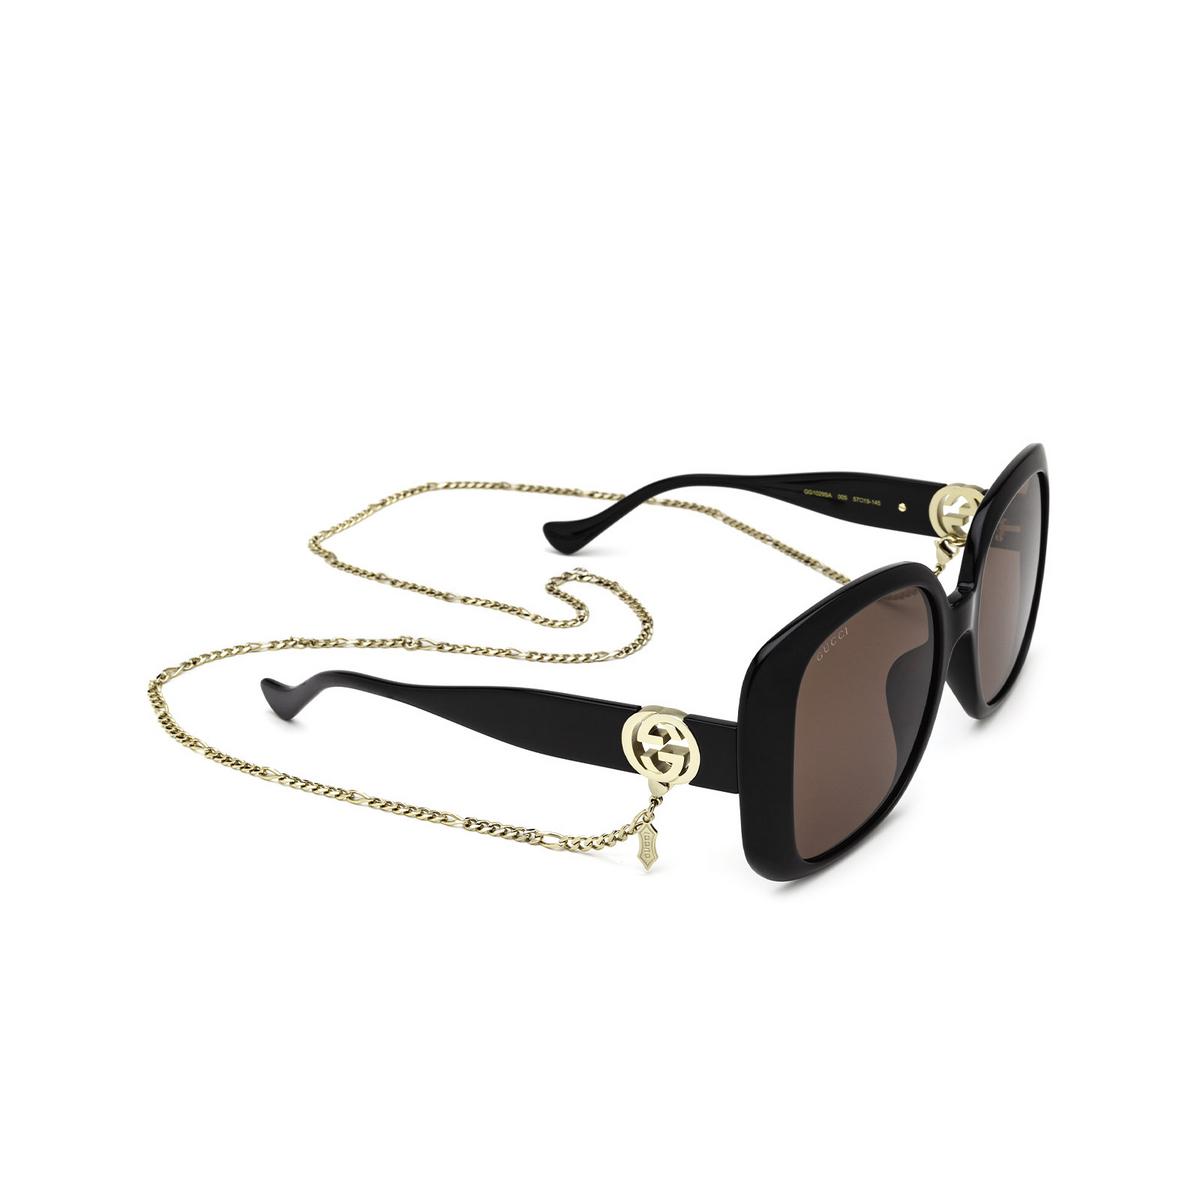 Gucci® Square Sunglasses: GG1029SA color Black 005 - three-quarters view.